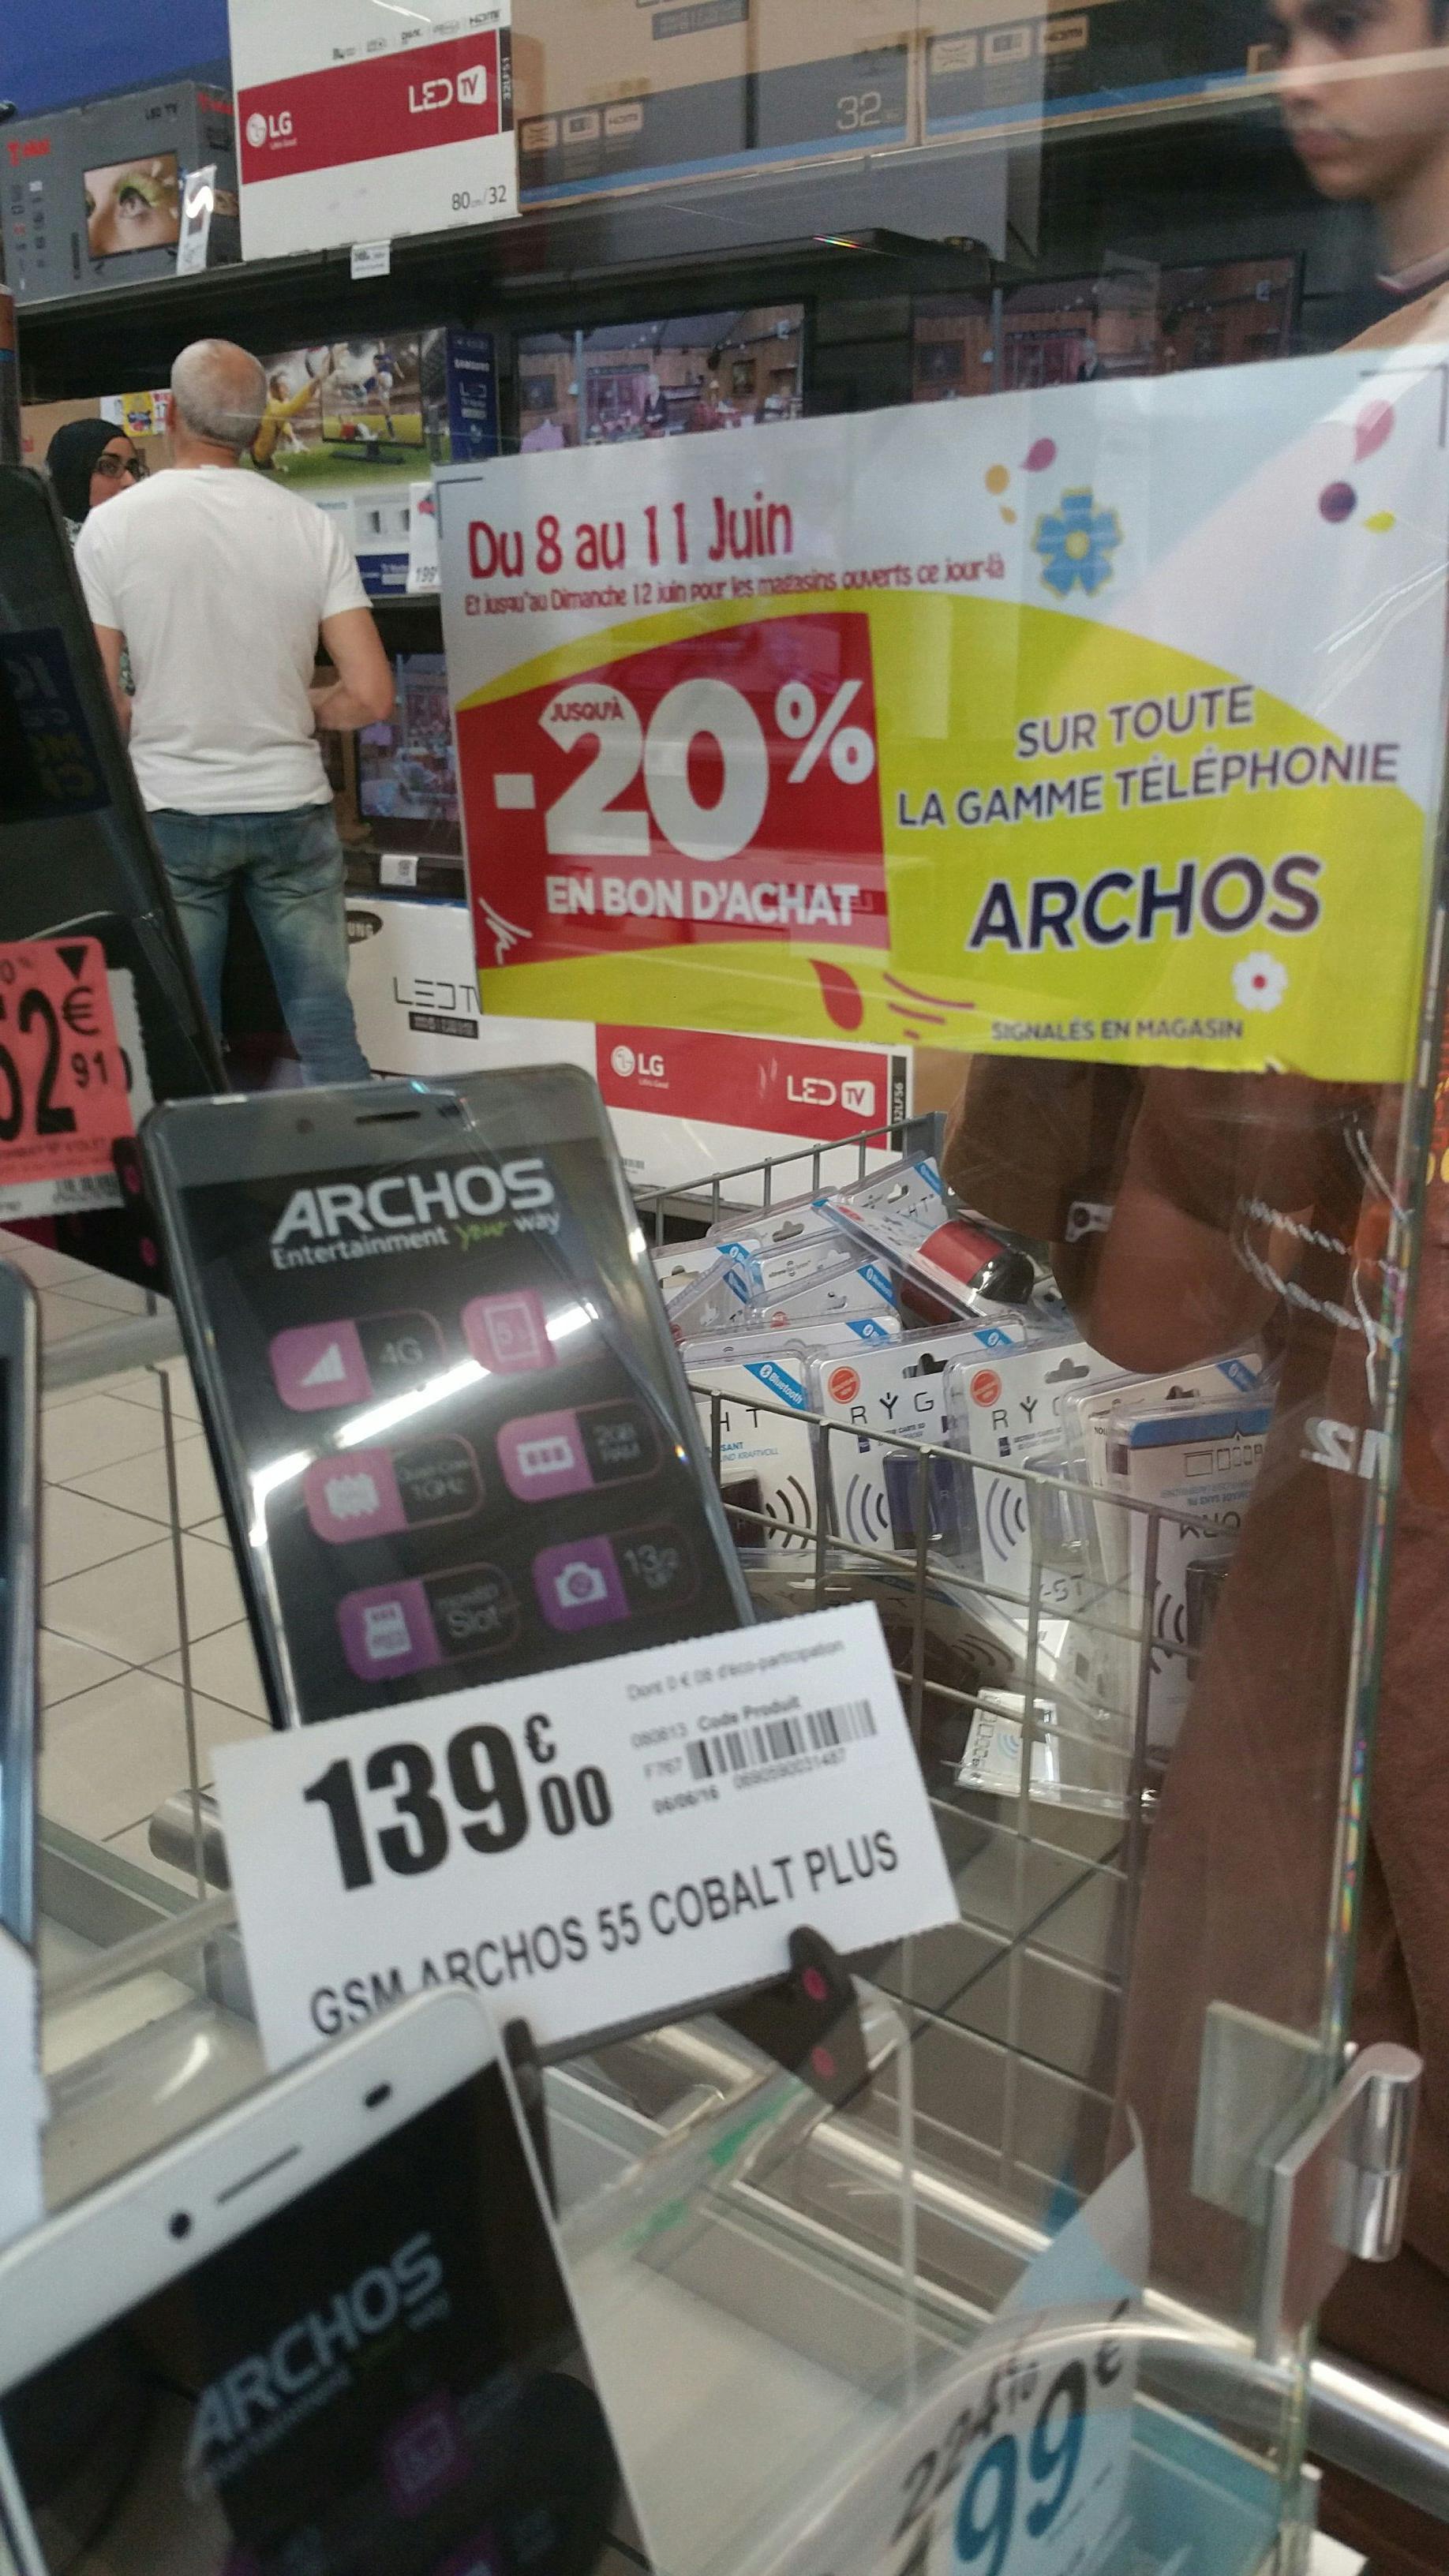 """Smartphone 5.5"""" Archos 55 Cobalt Plus (avec 20% en bon d'achat)"""